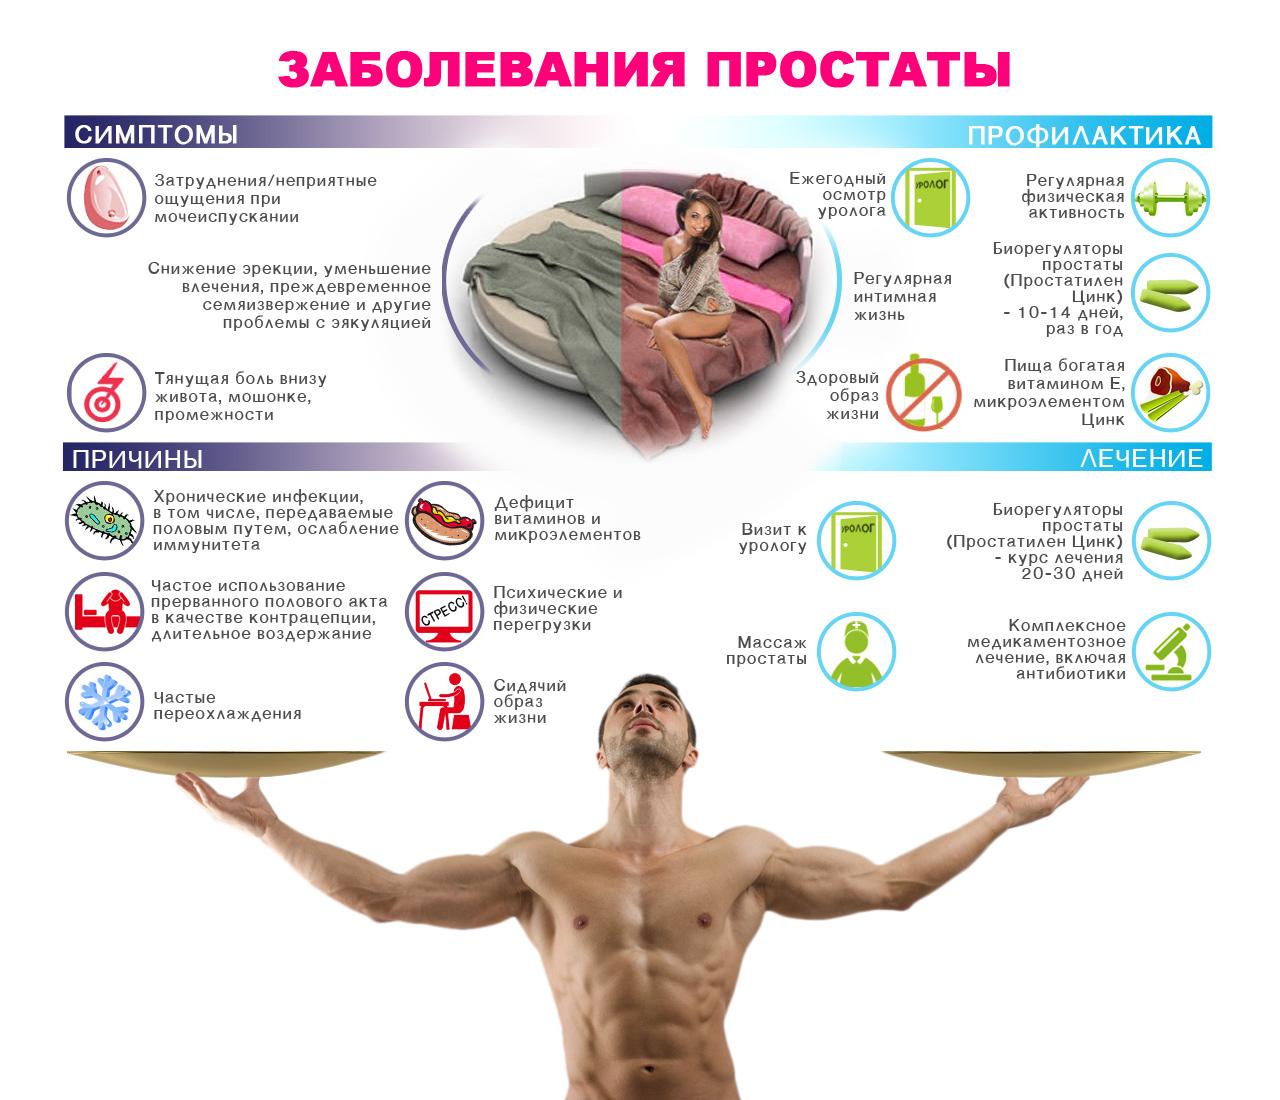 Основні симптоми простатиту і його лікування